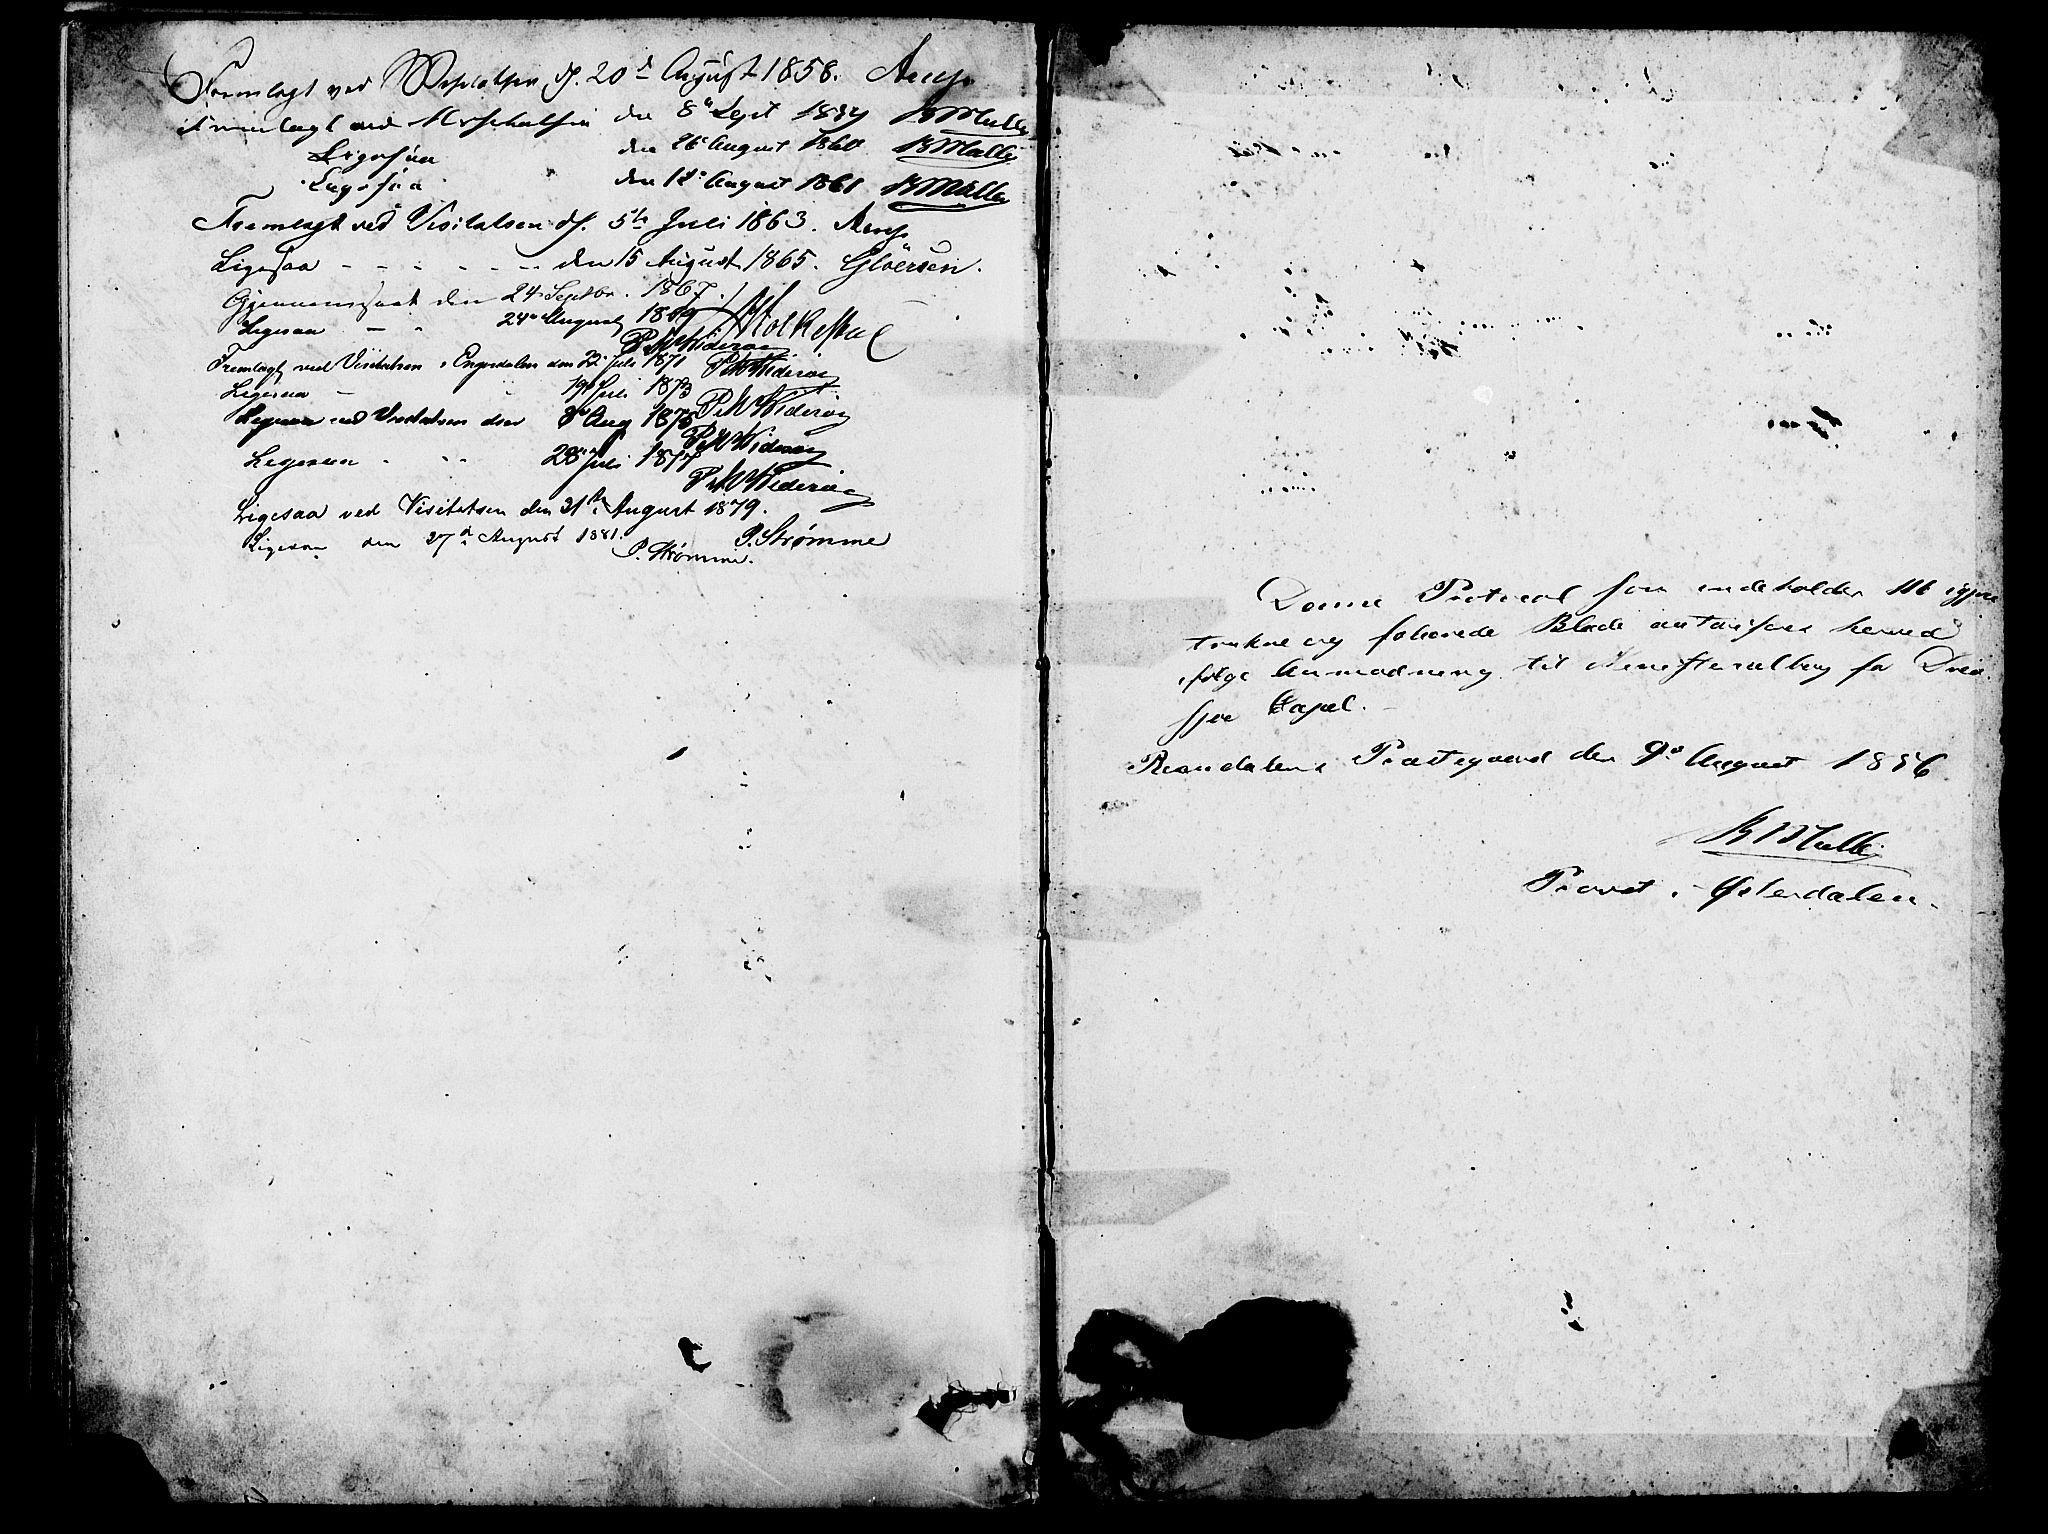 SAH, Rendalen prestekontor, H/Ha/Hab/L0002: Klokkerbok nr. 2, 1858-1880